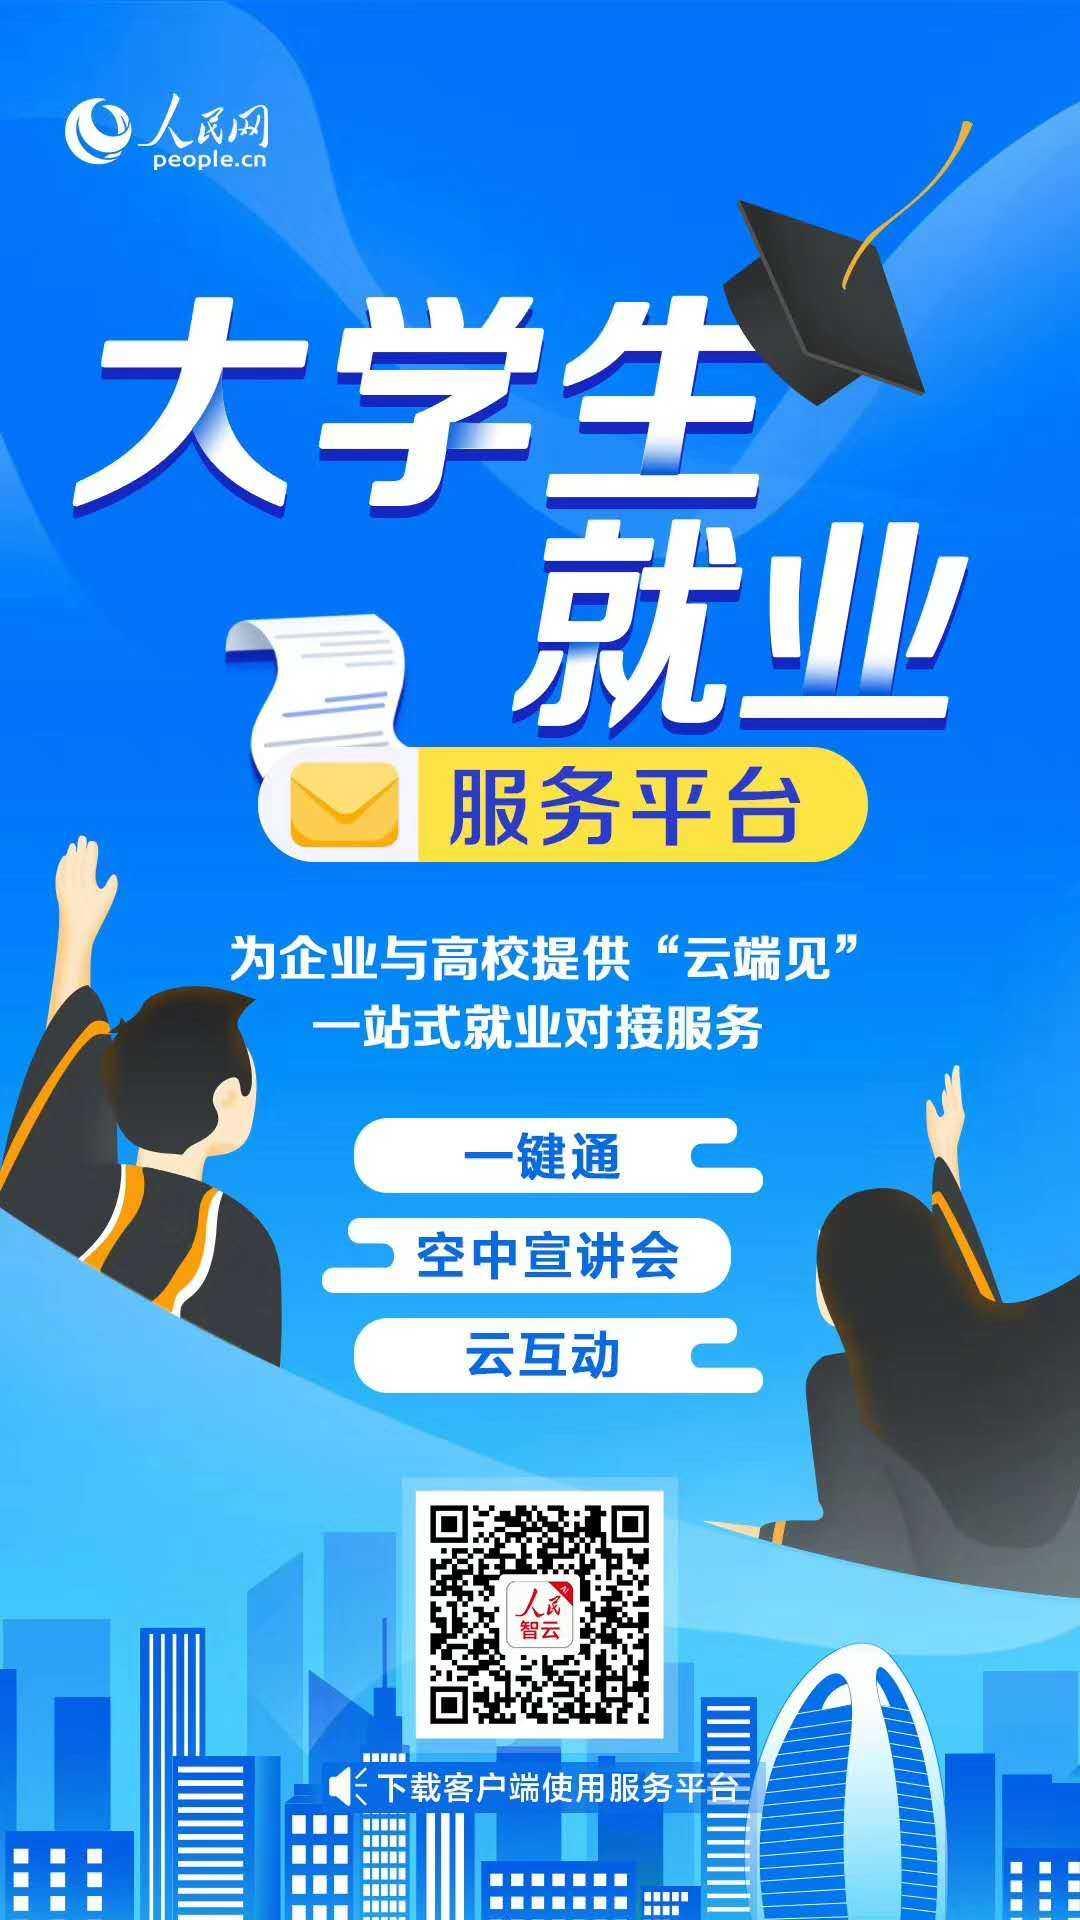 """新增千余岗位!""""吉林大学招聘专区""""上线"""